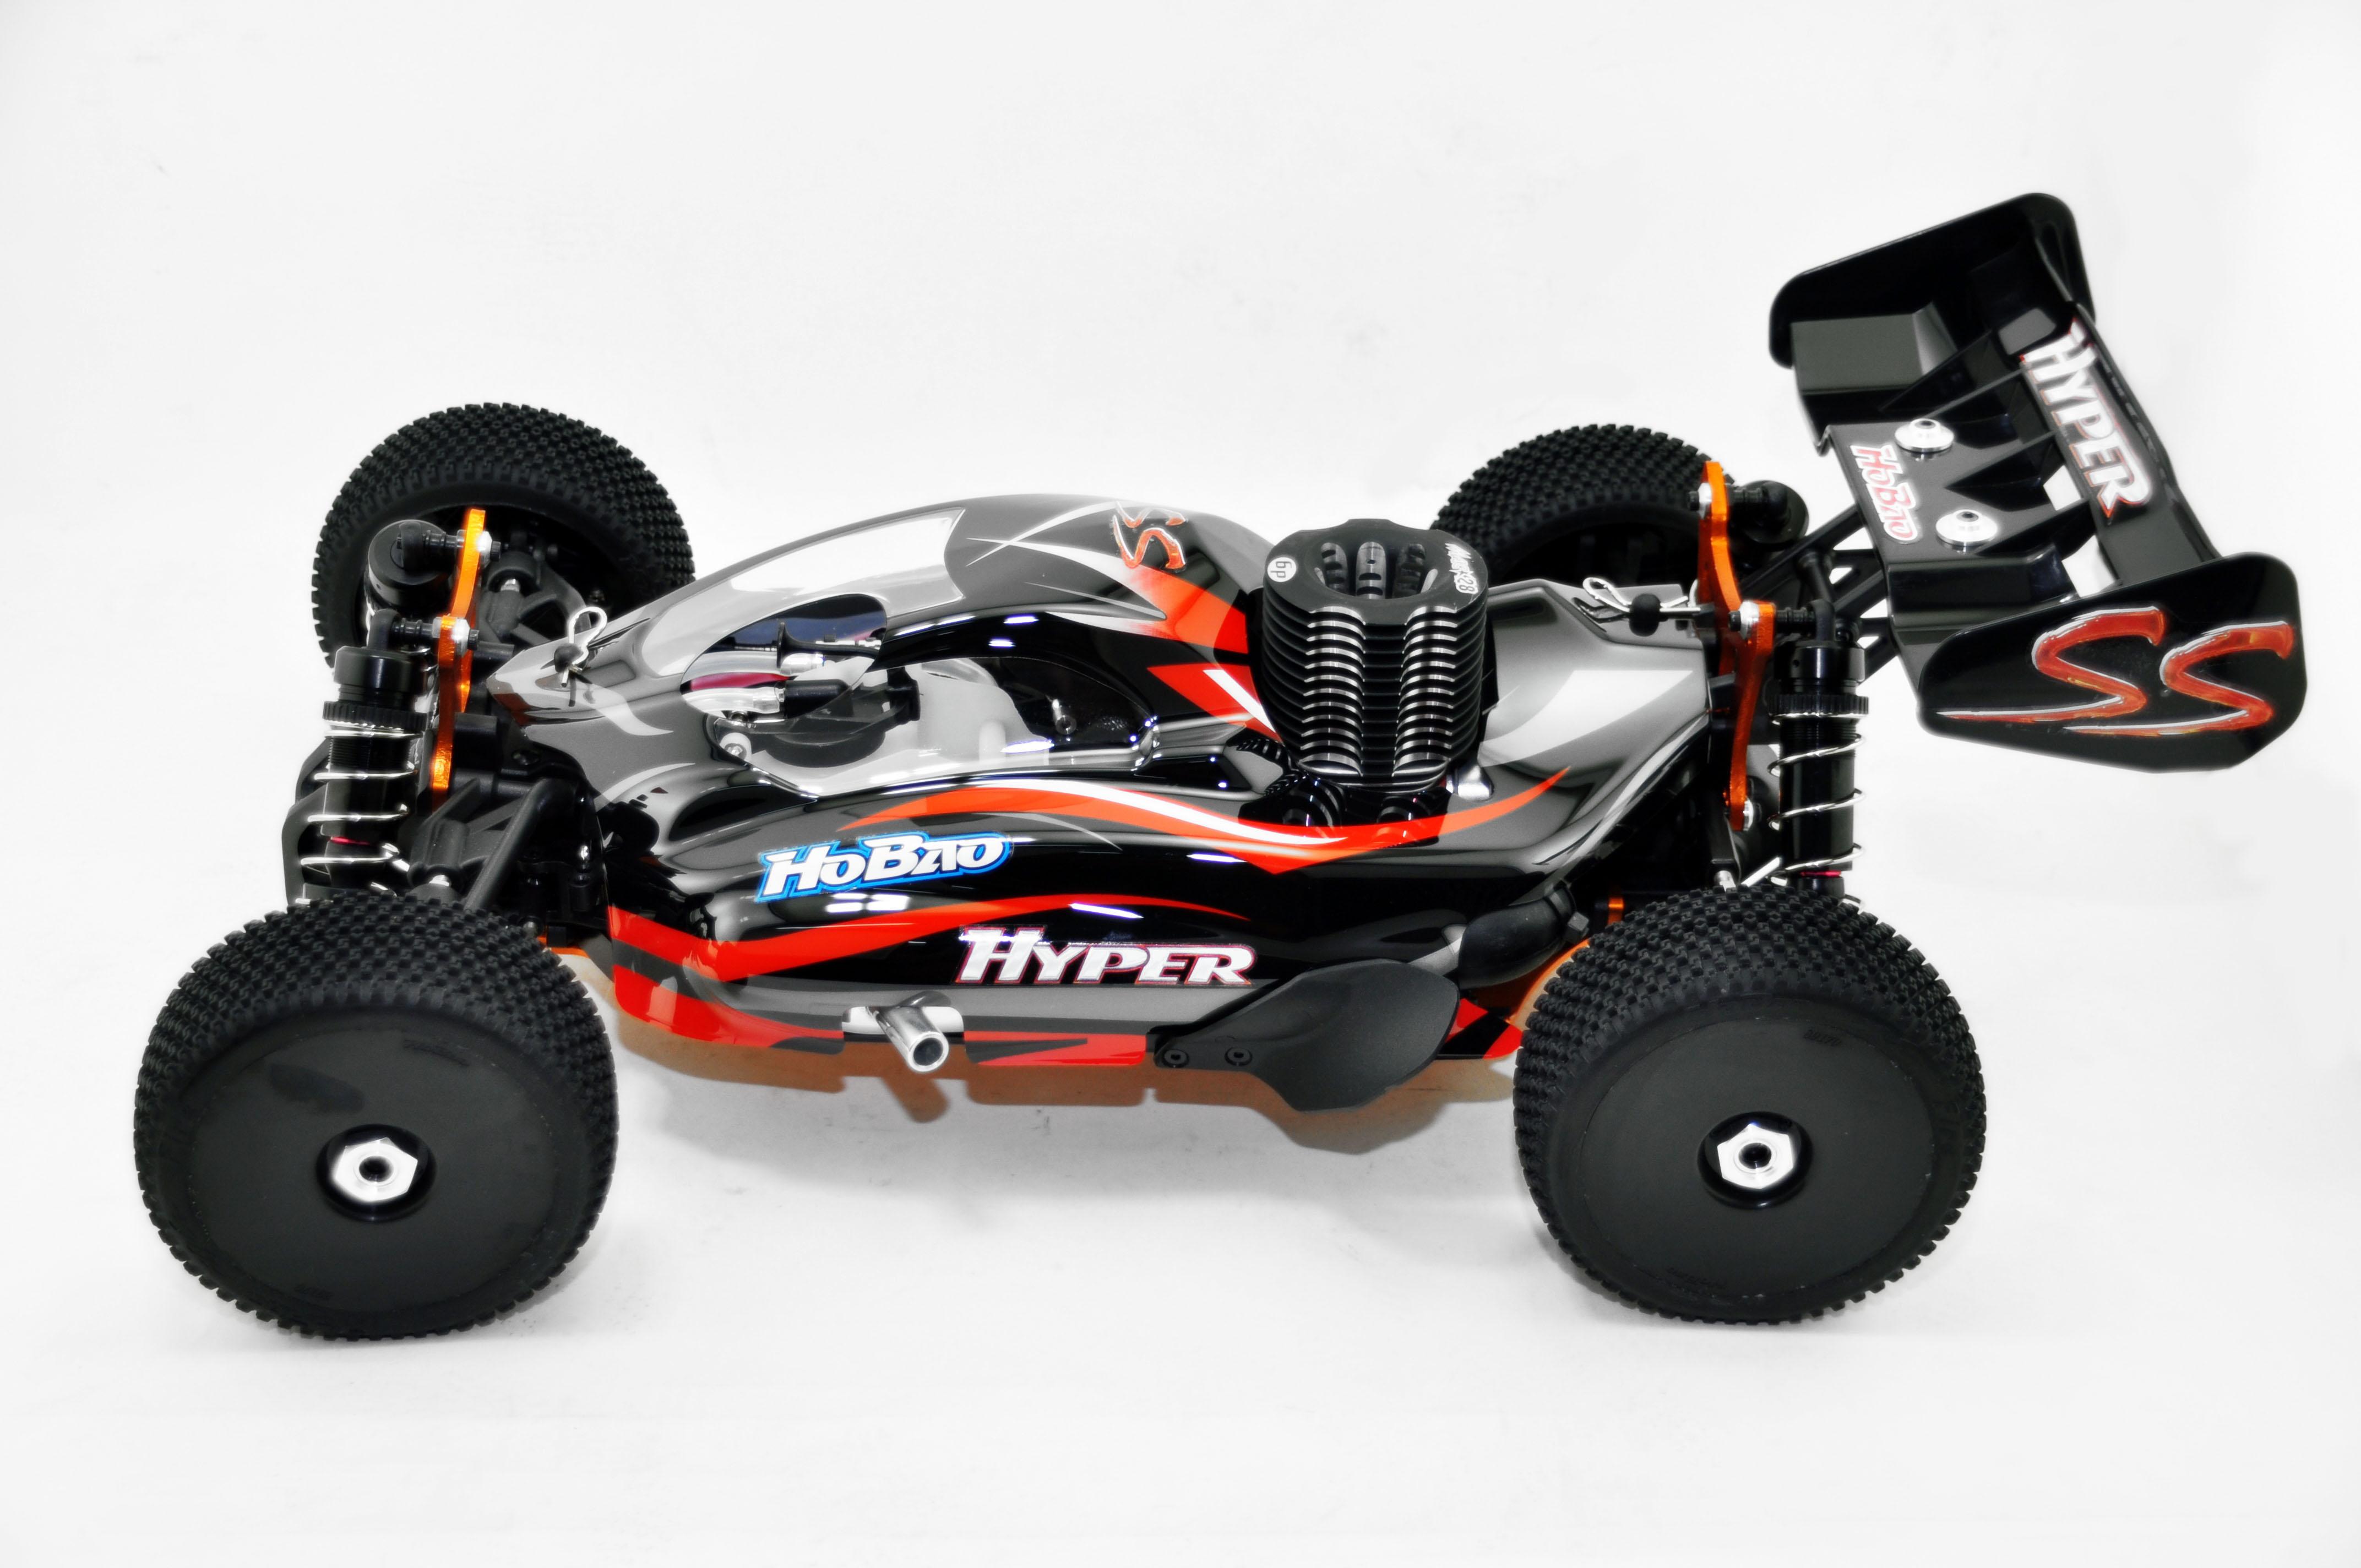 Hobao 1 8 Hyper Ss Nitro 4wd 2 4ghz Rtr 28 Engine Savox